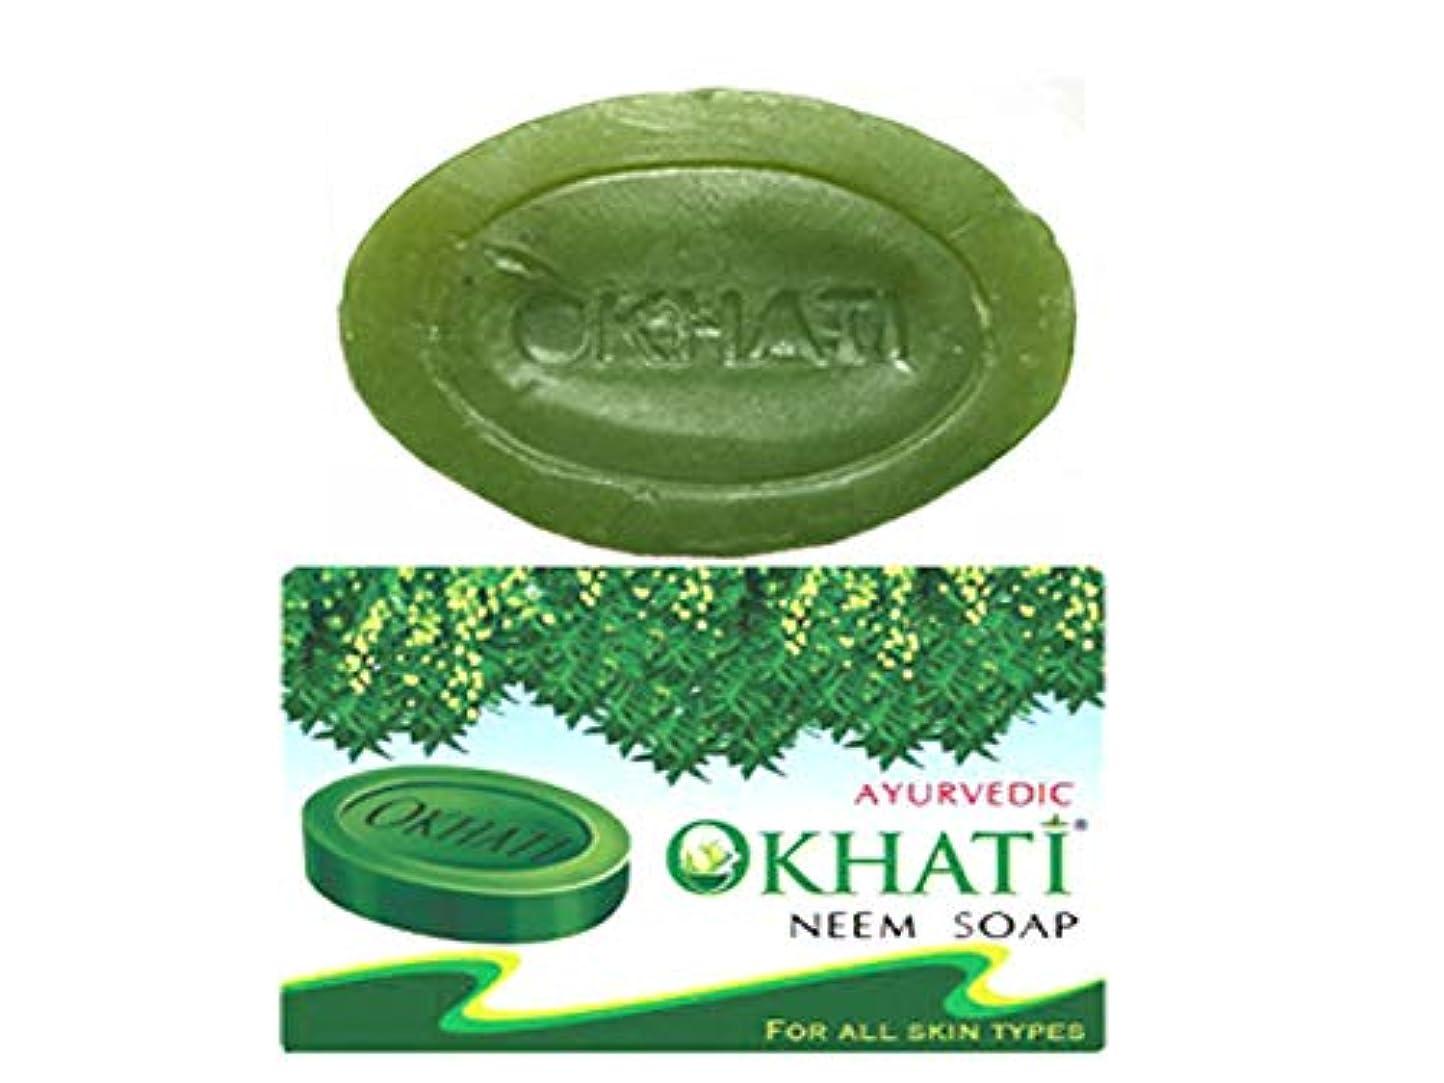 オカティ ニーム ソープ 75g AYURVEDEC OKHATI NEEM SOAP/NEPAL HIMALAYA SOAP ヒマラヤ石鹸